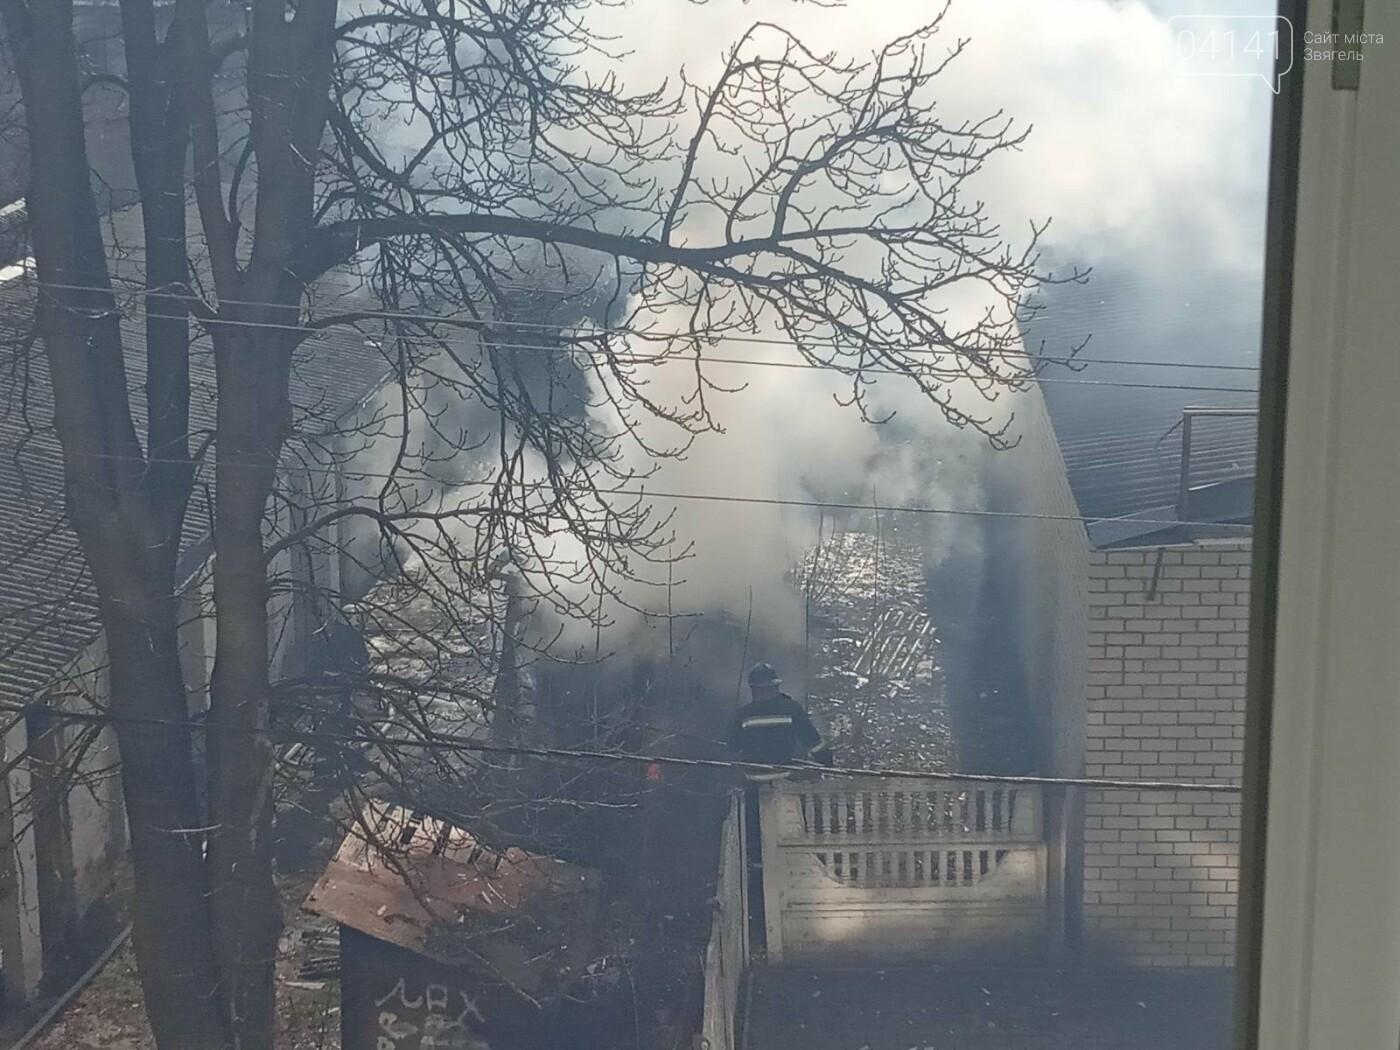 У Новограді сталася пожежа (ФОТО, ВІДЕО З МІСЦЯ ПОДІЇ), фото-1